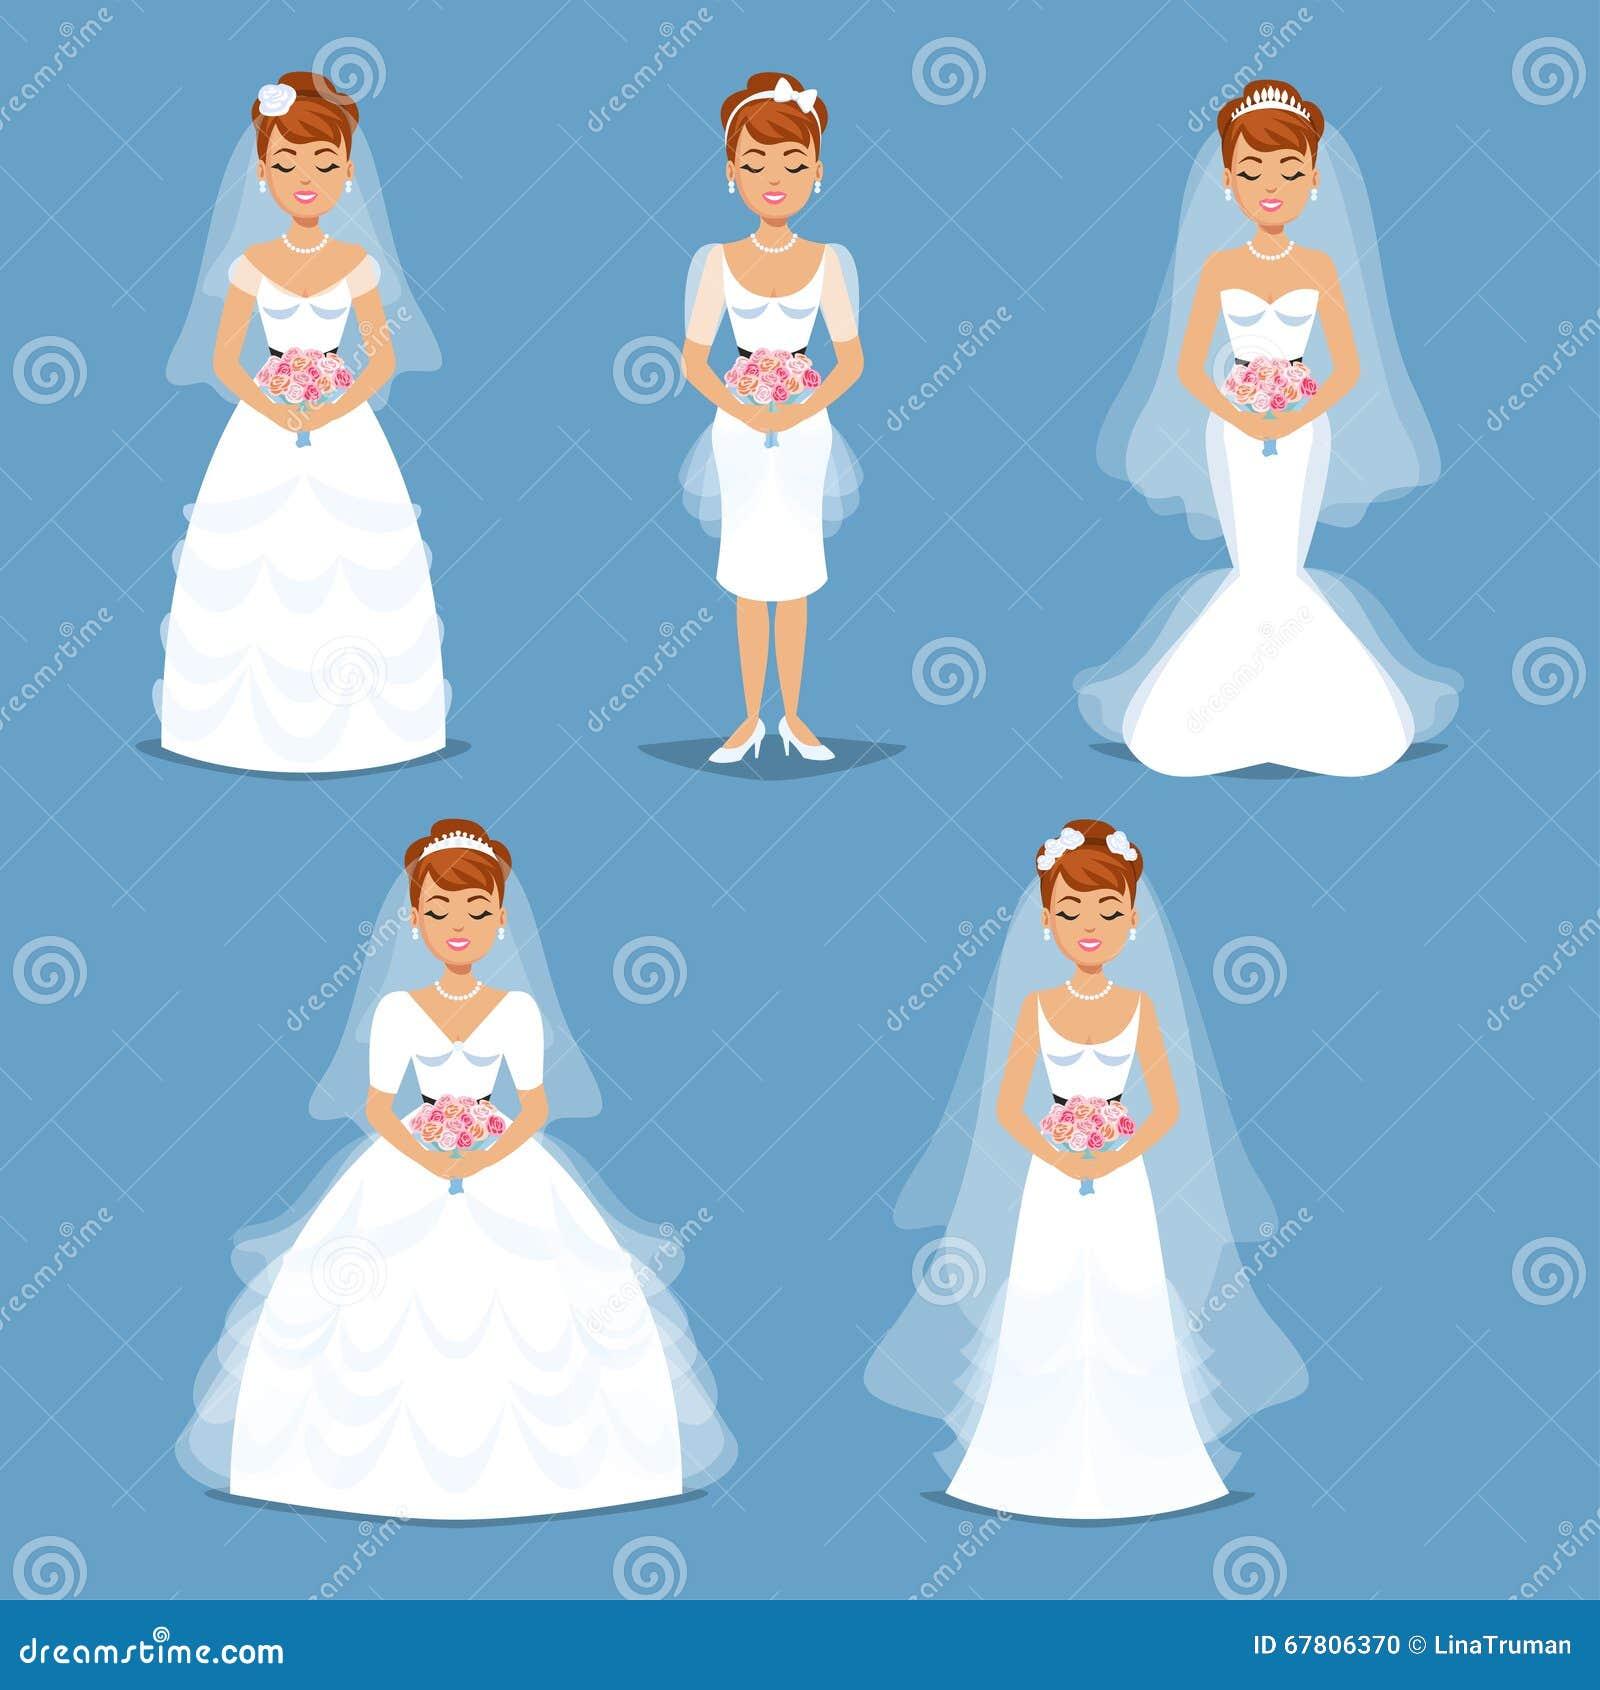 Old Fashioned Como Vender Vestido De Novia Collection - All Wedding ...